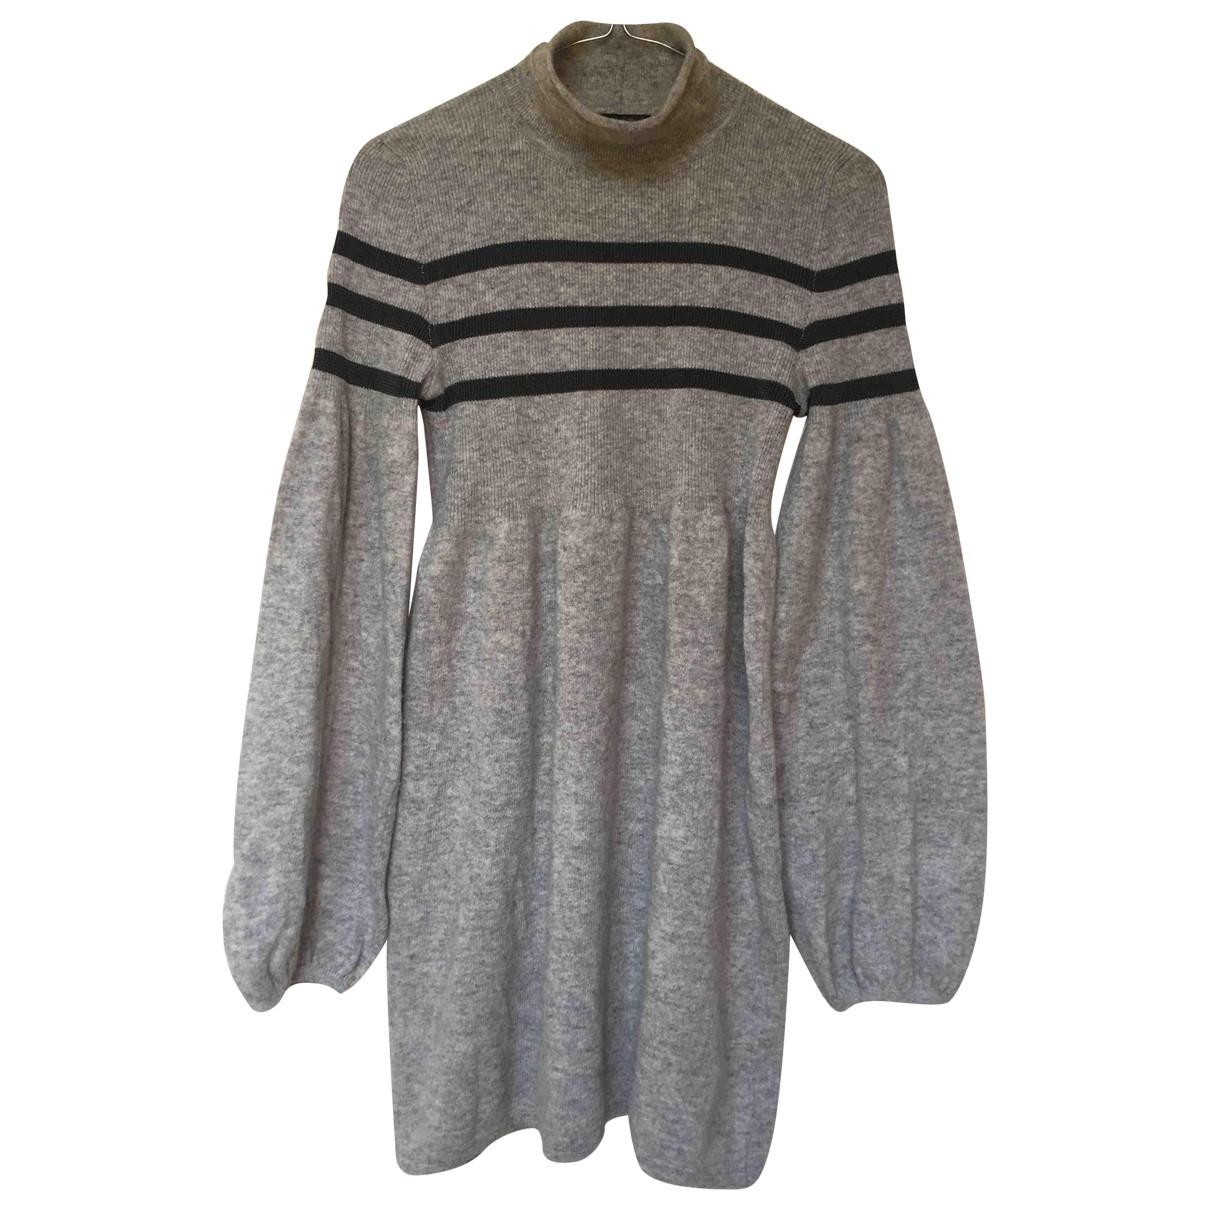 Emporio Armani \N Kleid in  Grau Wolle